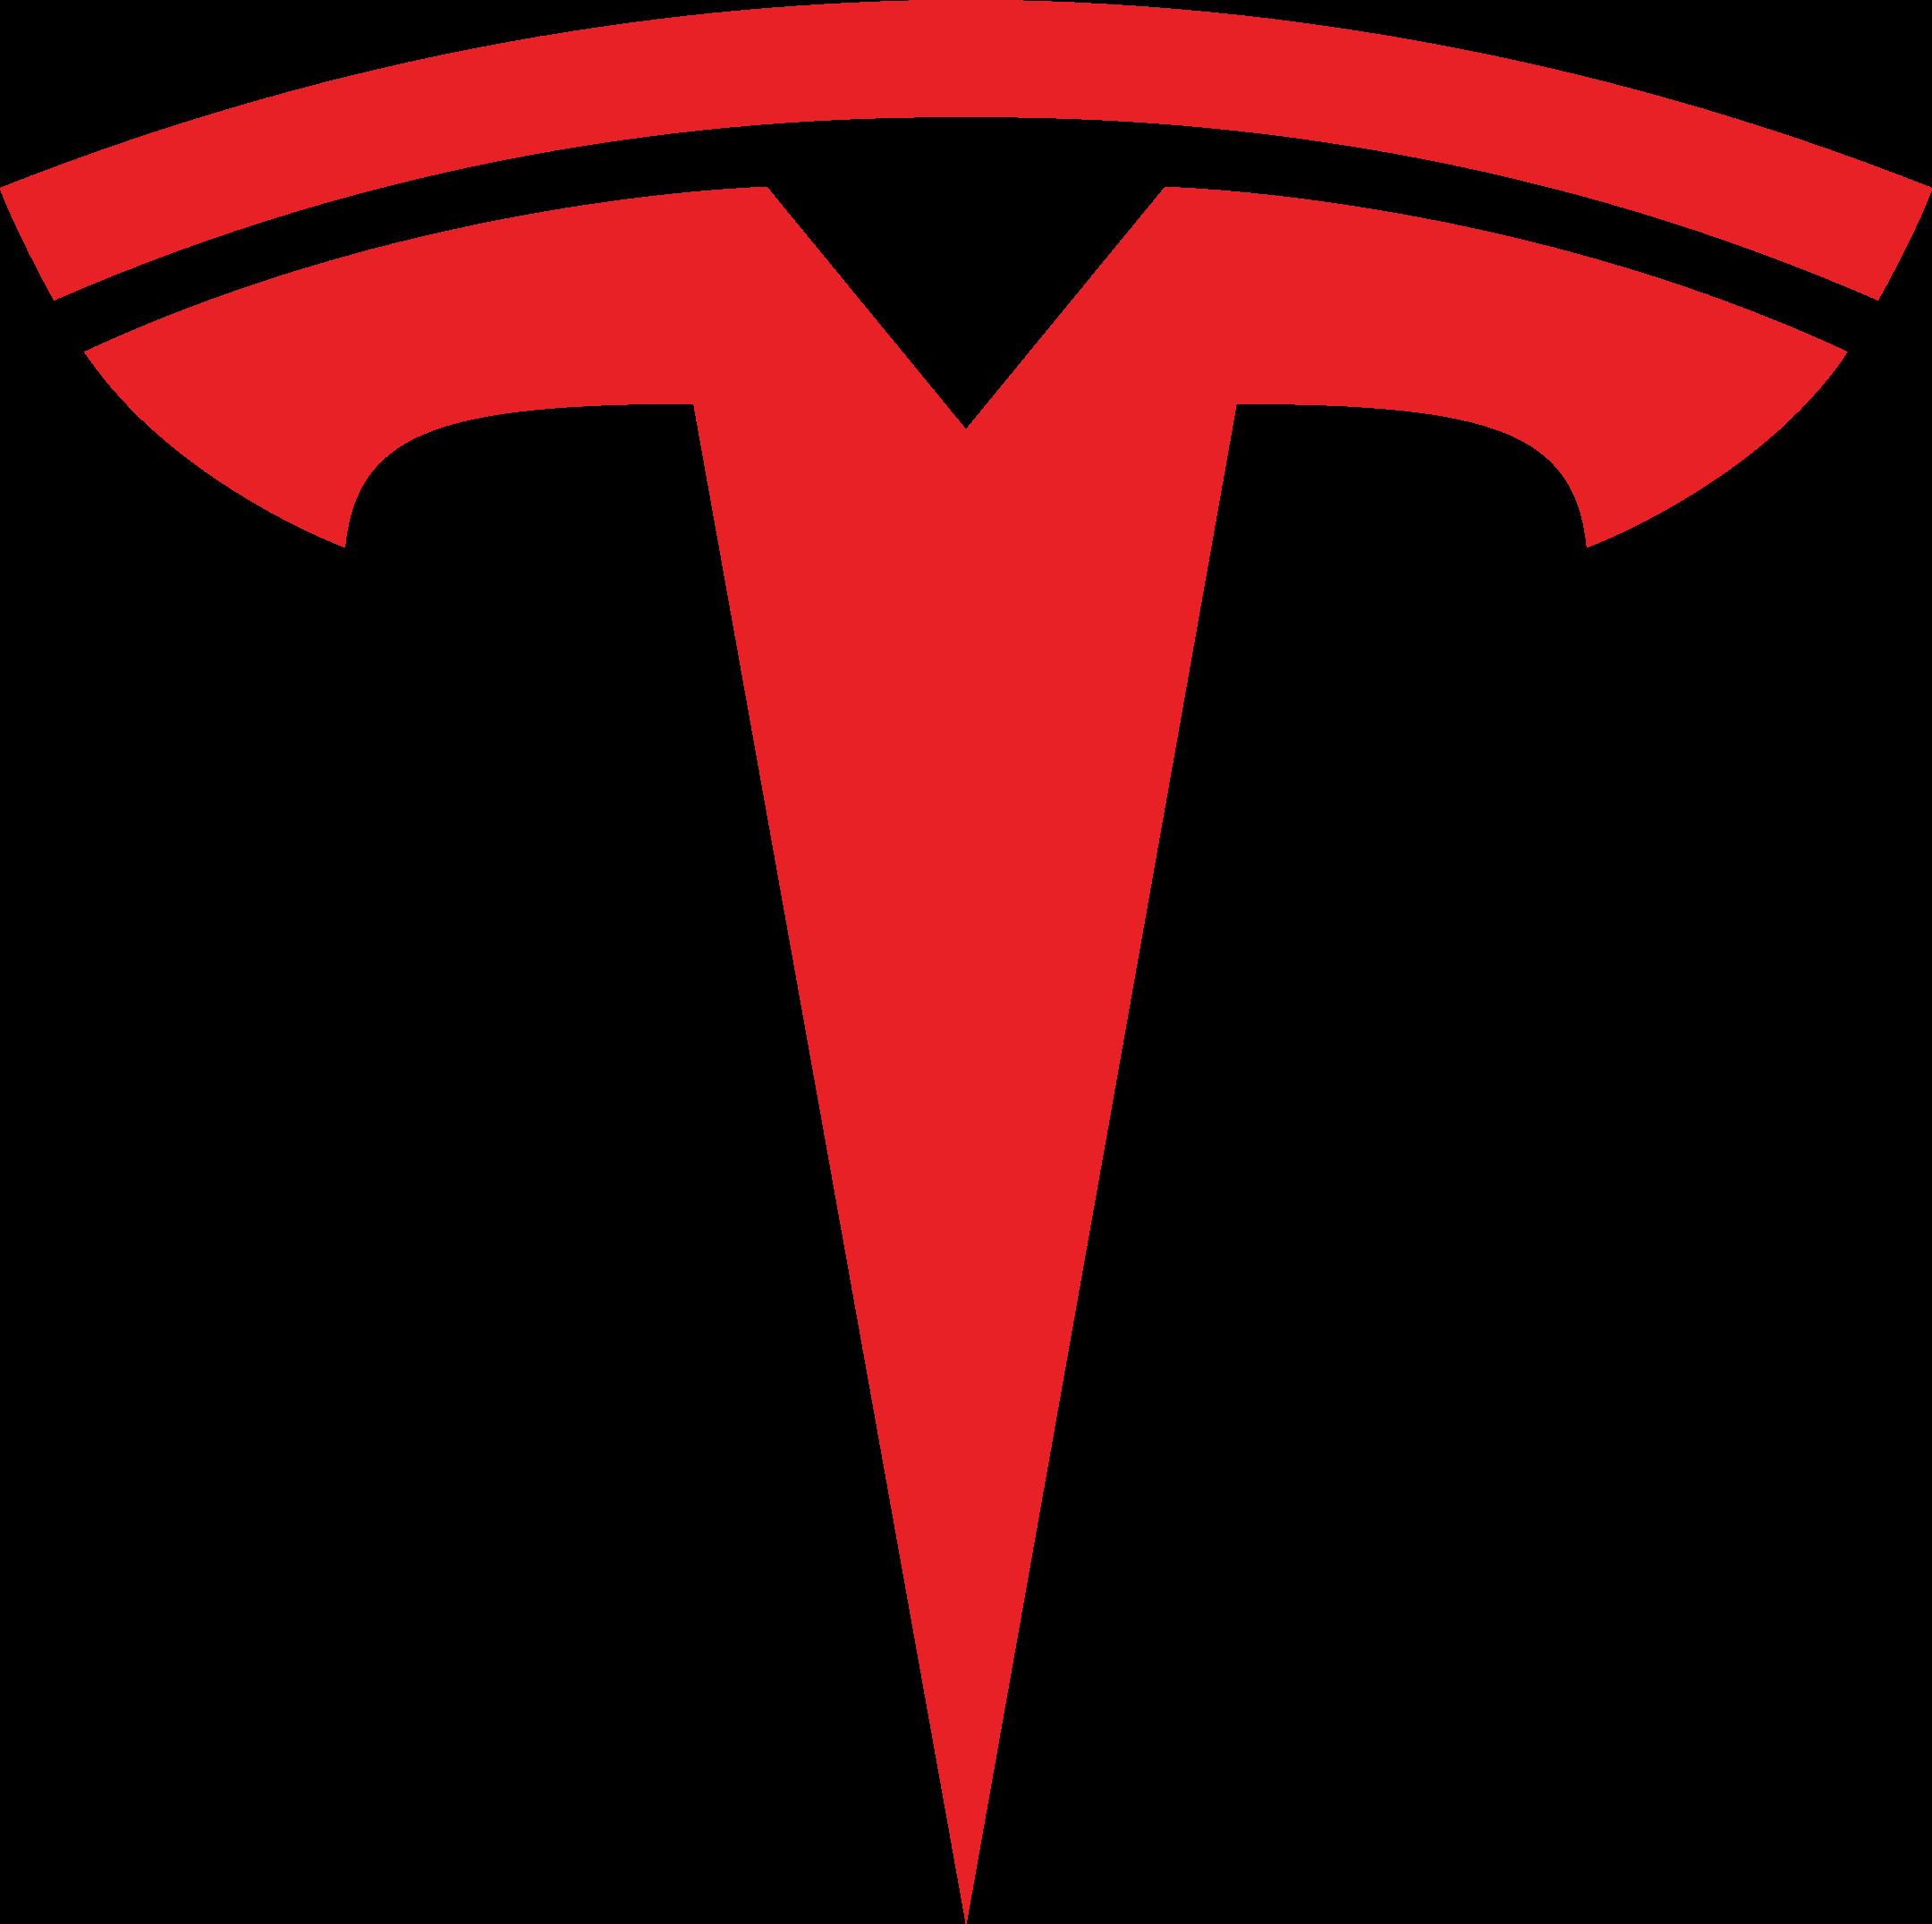 tesla logo 8 - Tesla Logo